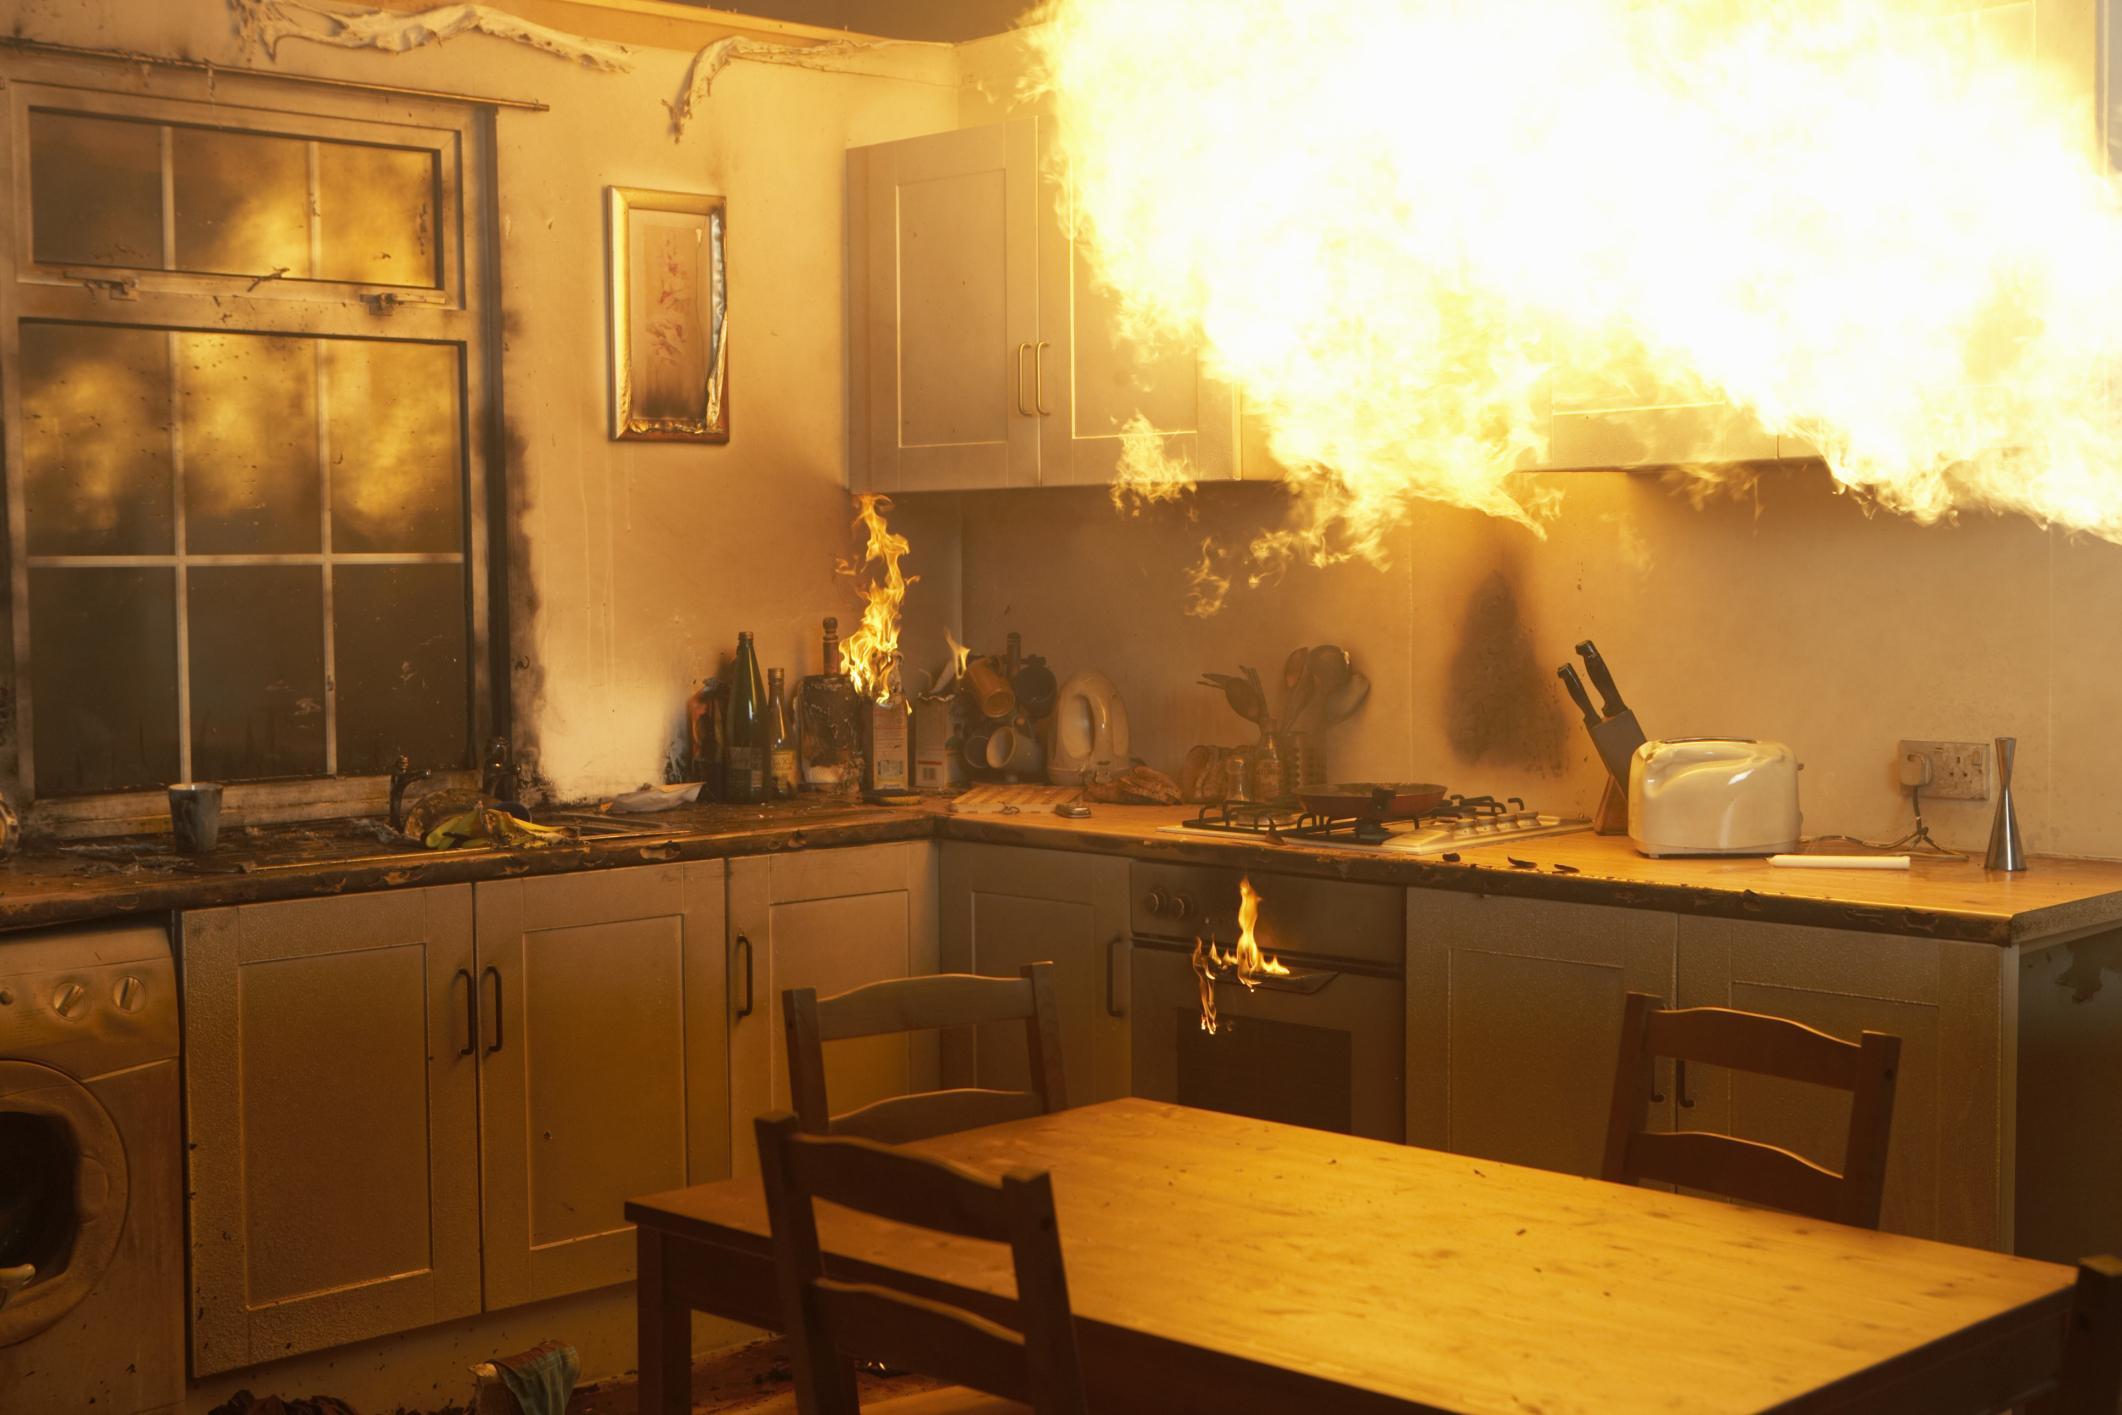 Rauchmelder In Der Küche | Bnbnews.co